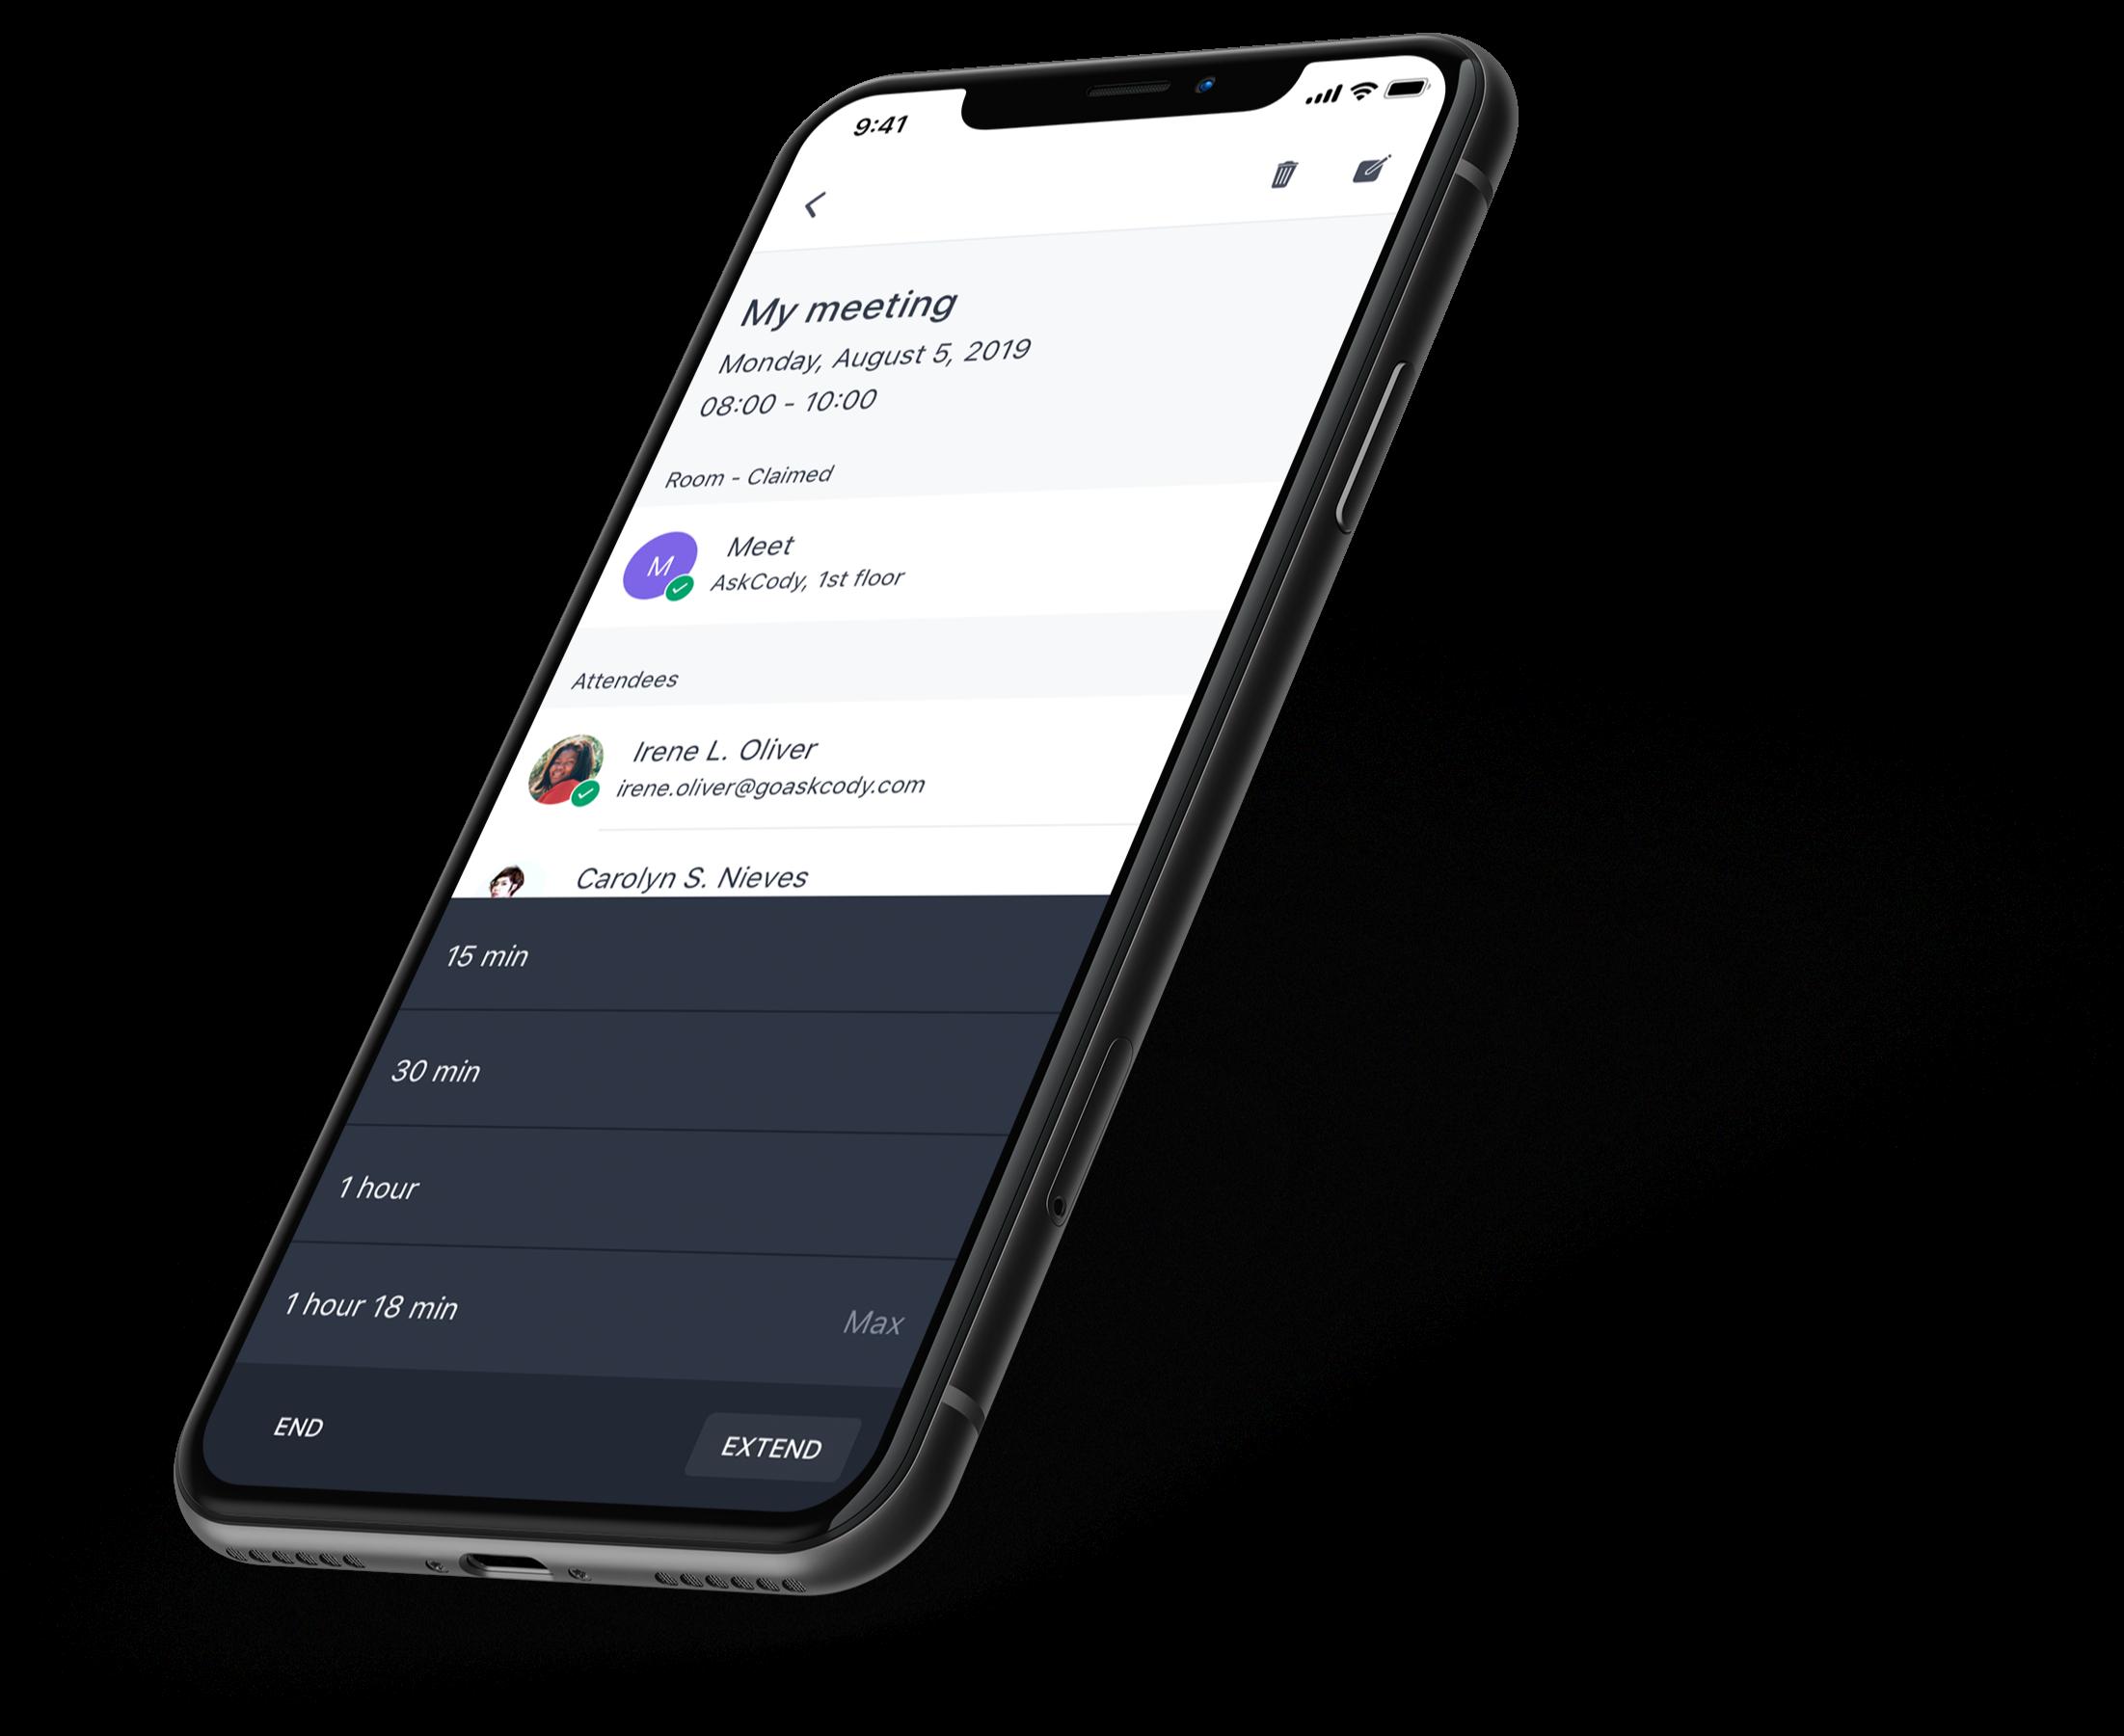 AskCody Mobile App - iPhone 8 - Small-2-1